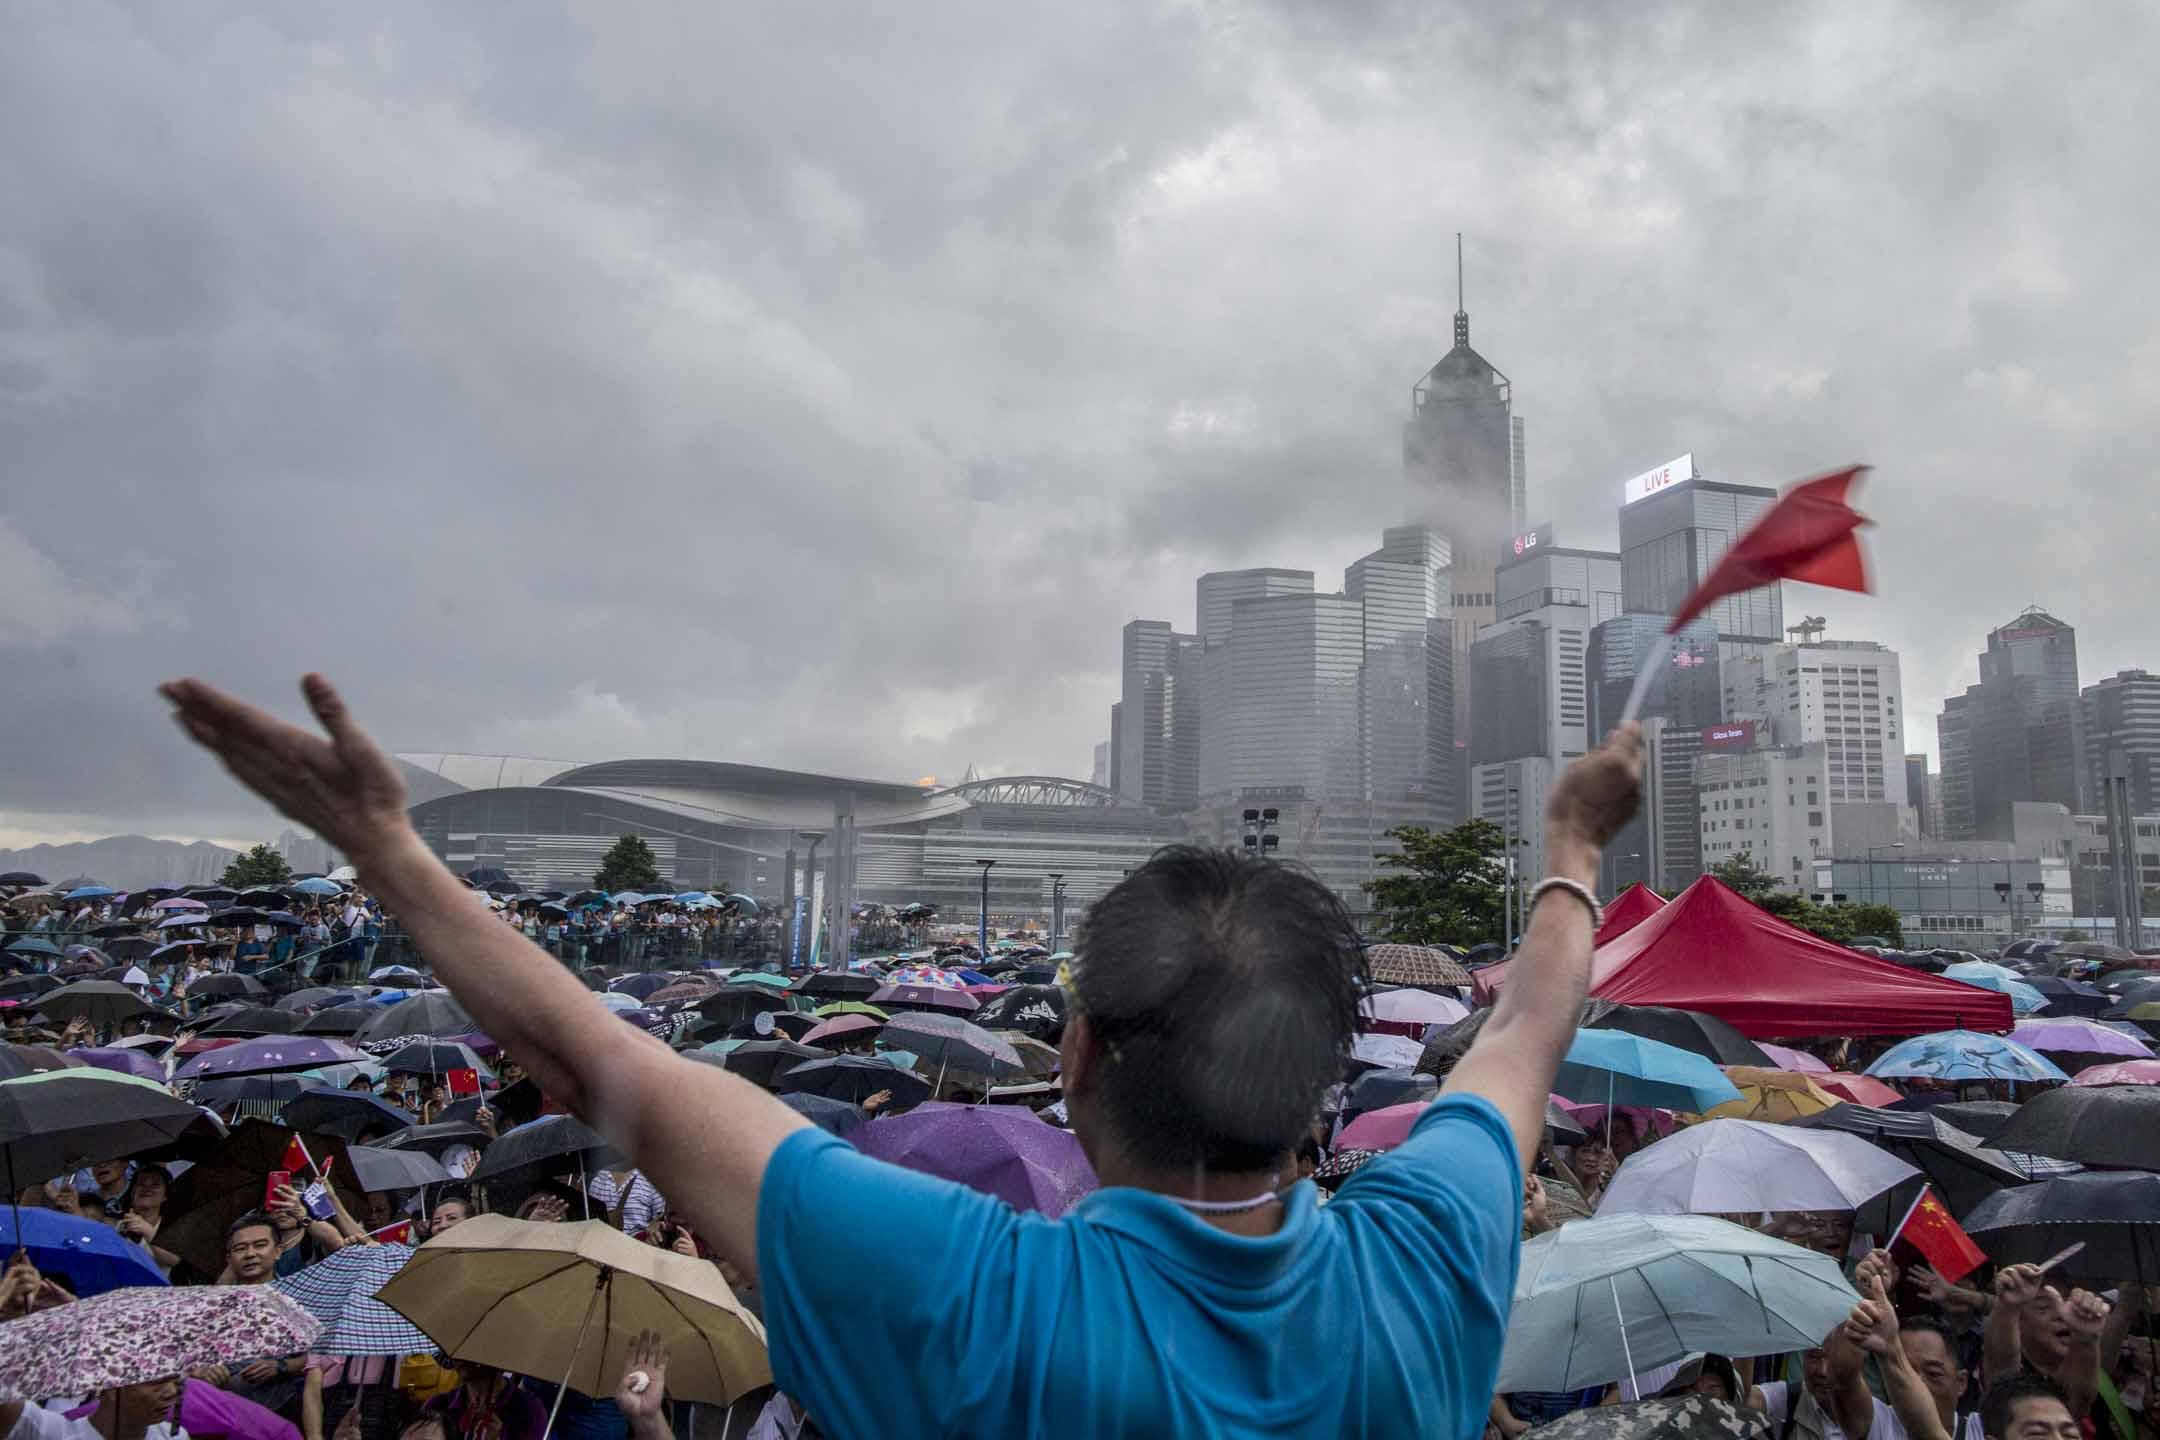 2019年6月30日,立法會議員何君堯在添馬公園舉辦撐警集會,希望借集會「為警隊打氣、為香港打氣」。 攝:林振東/端傳媒